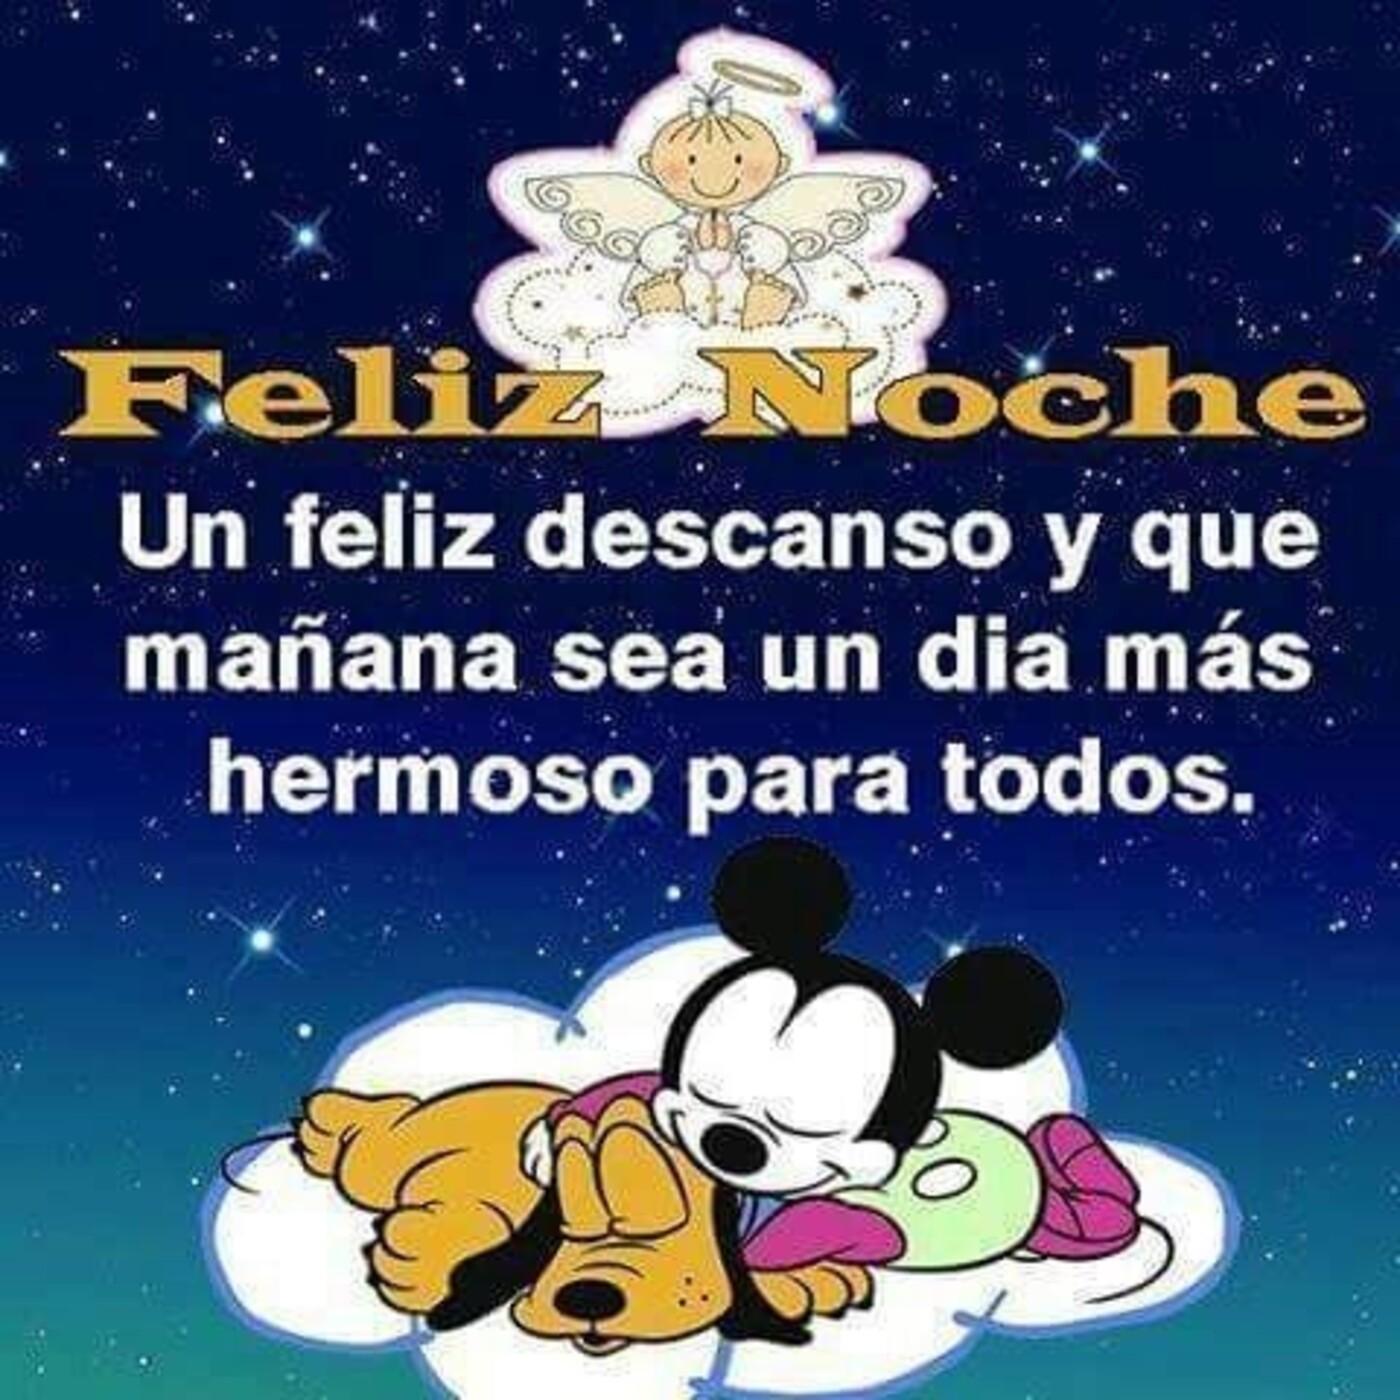 Feliz noche un feliz descanso y que mañana sea un día más hermoso para todos